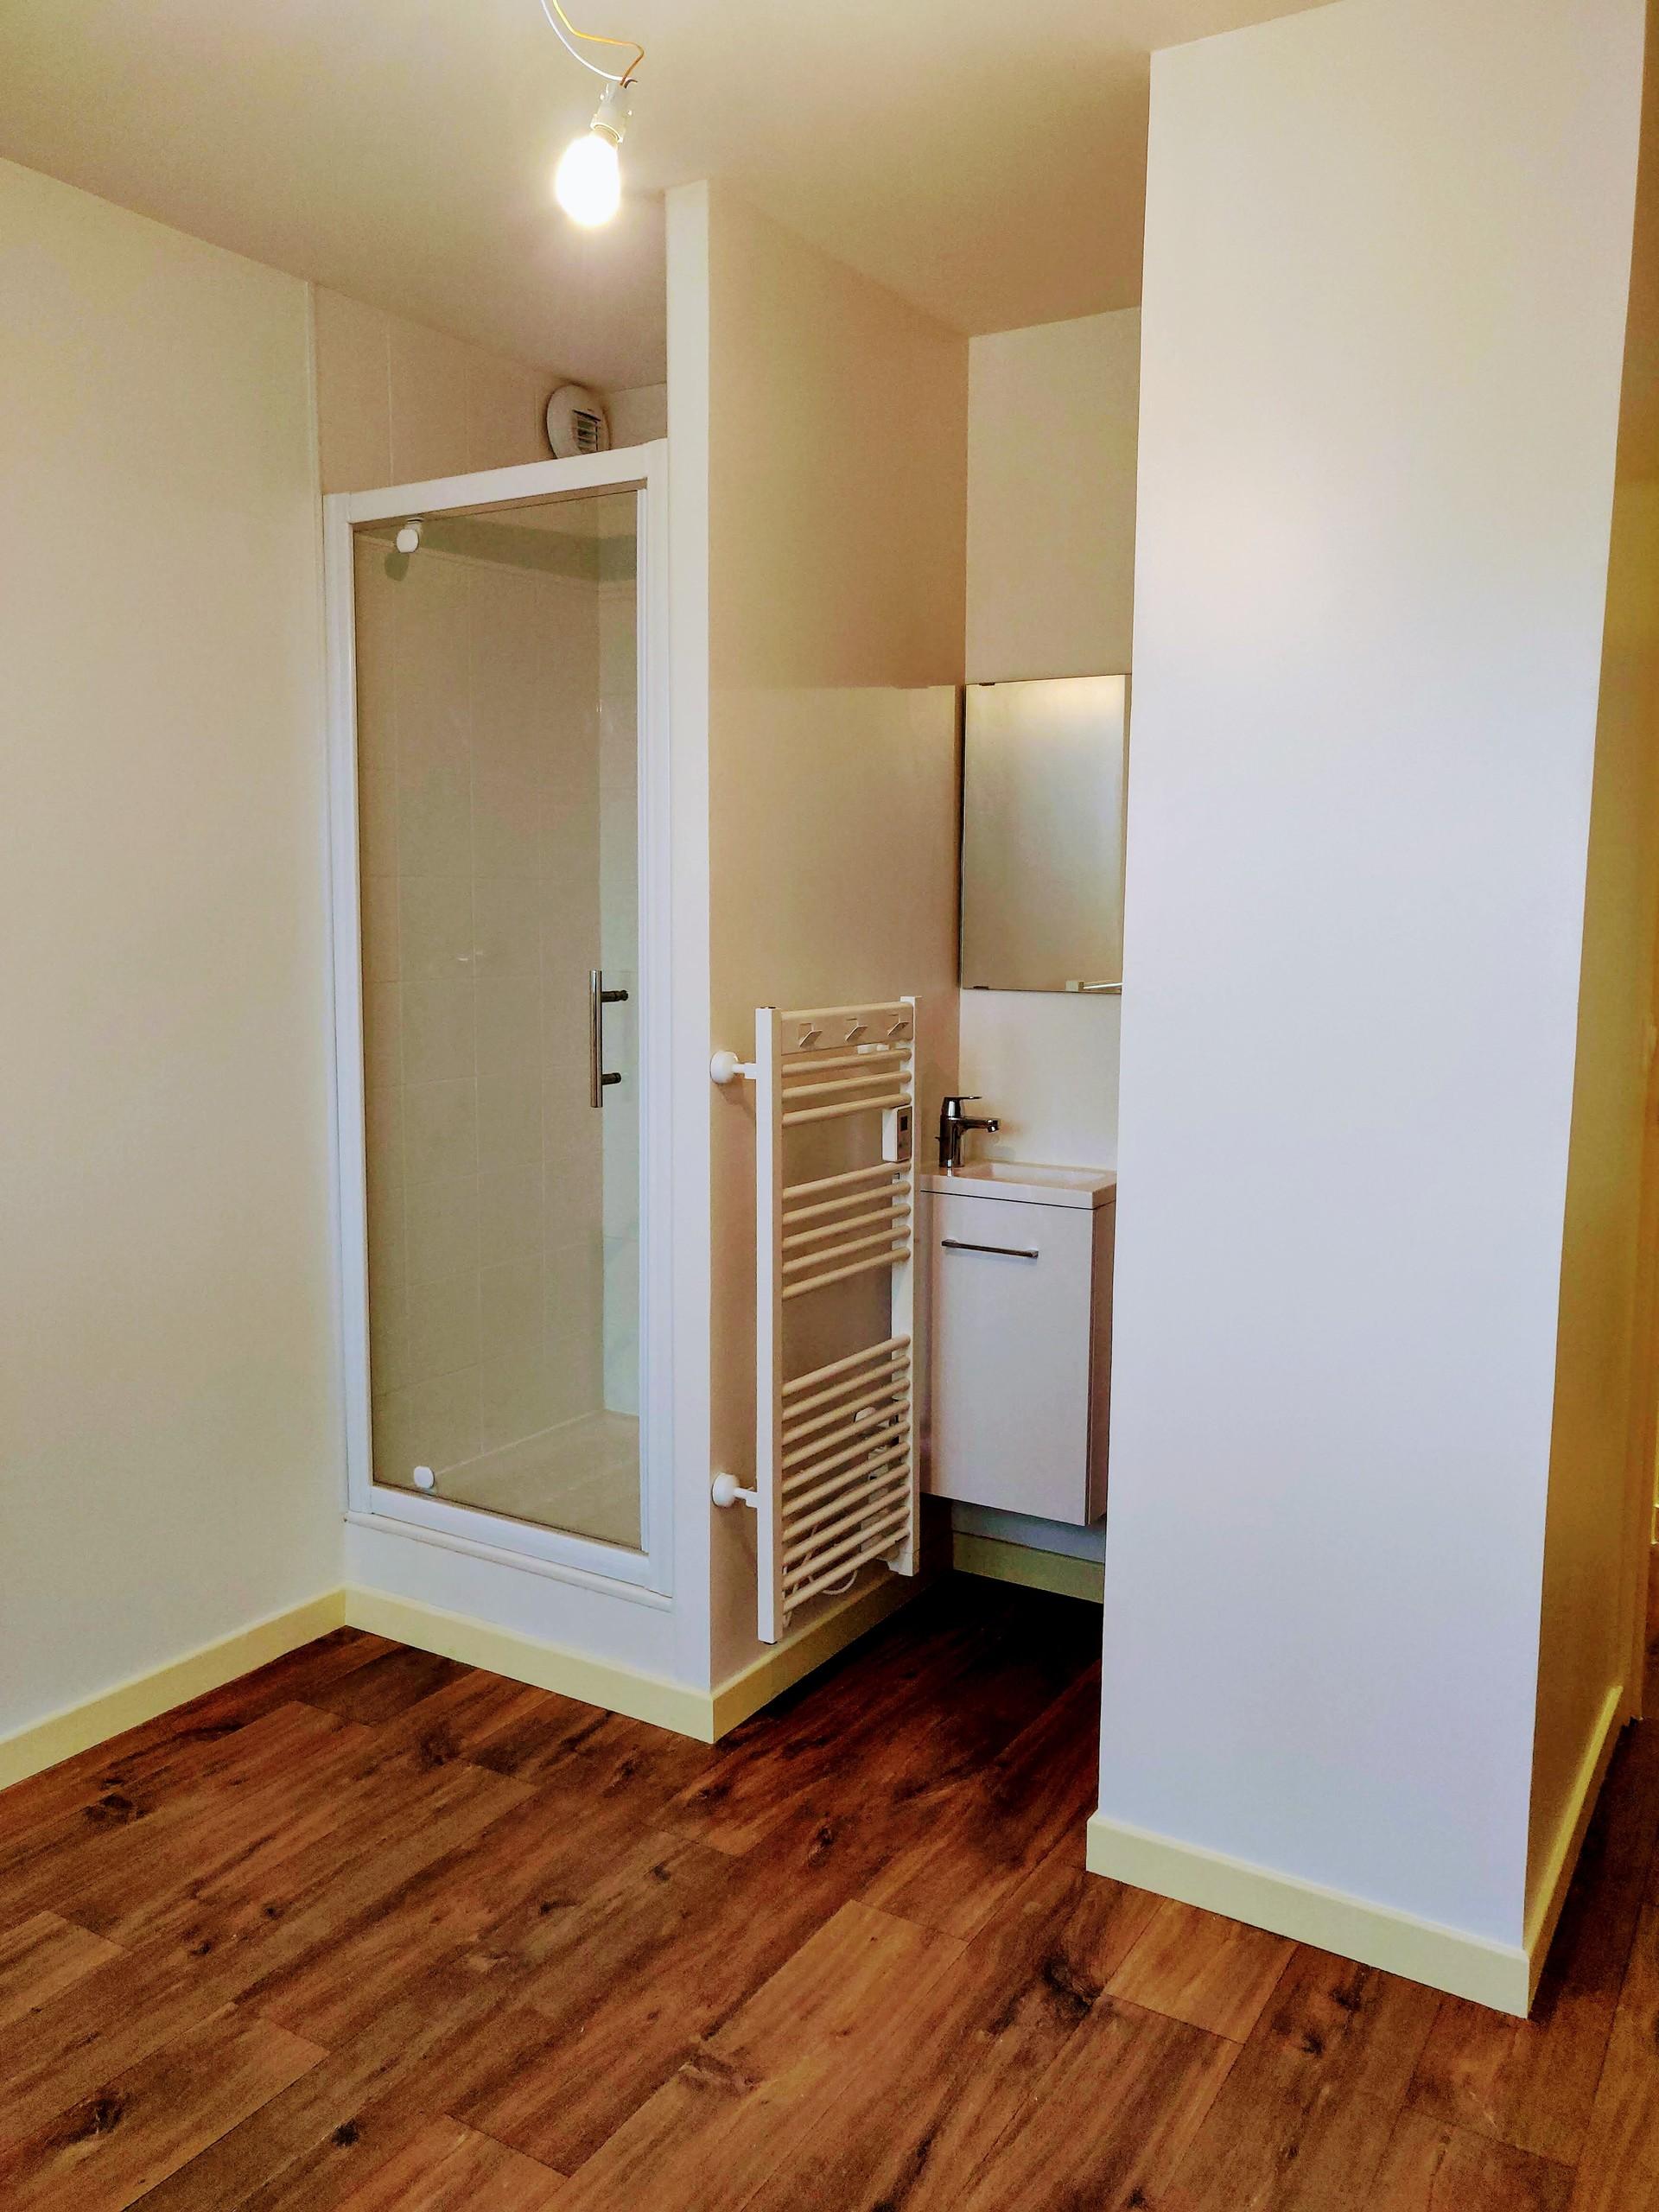 Chambre spacieuse et lumineuse avec grand lit, bureau et rangeme